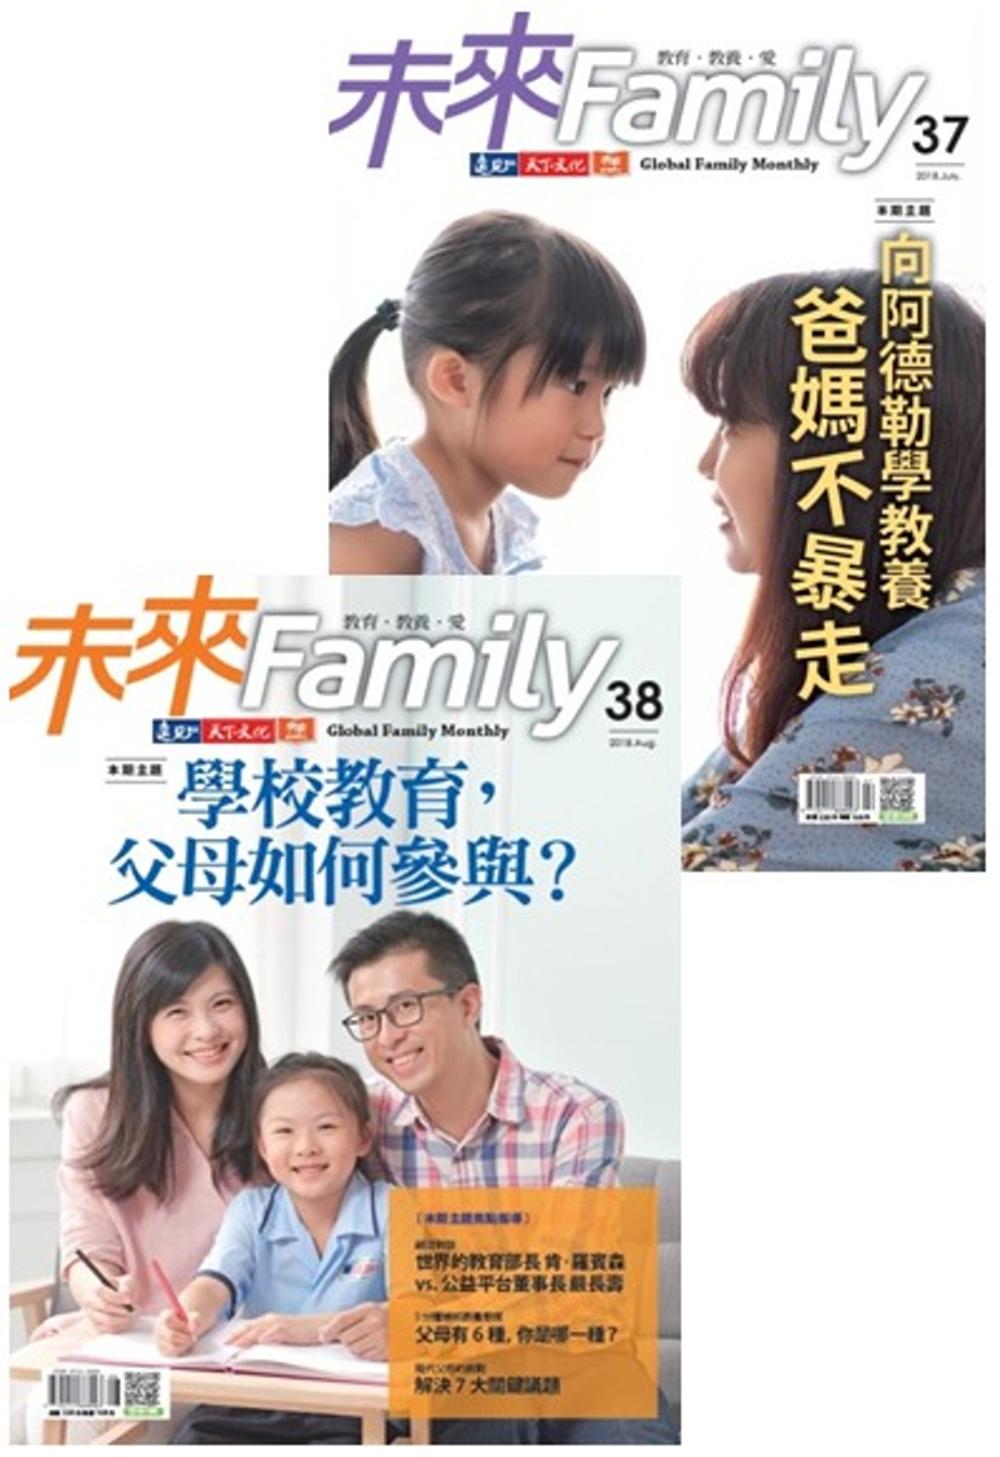 未來Family 第37期+第38期套組